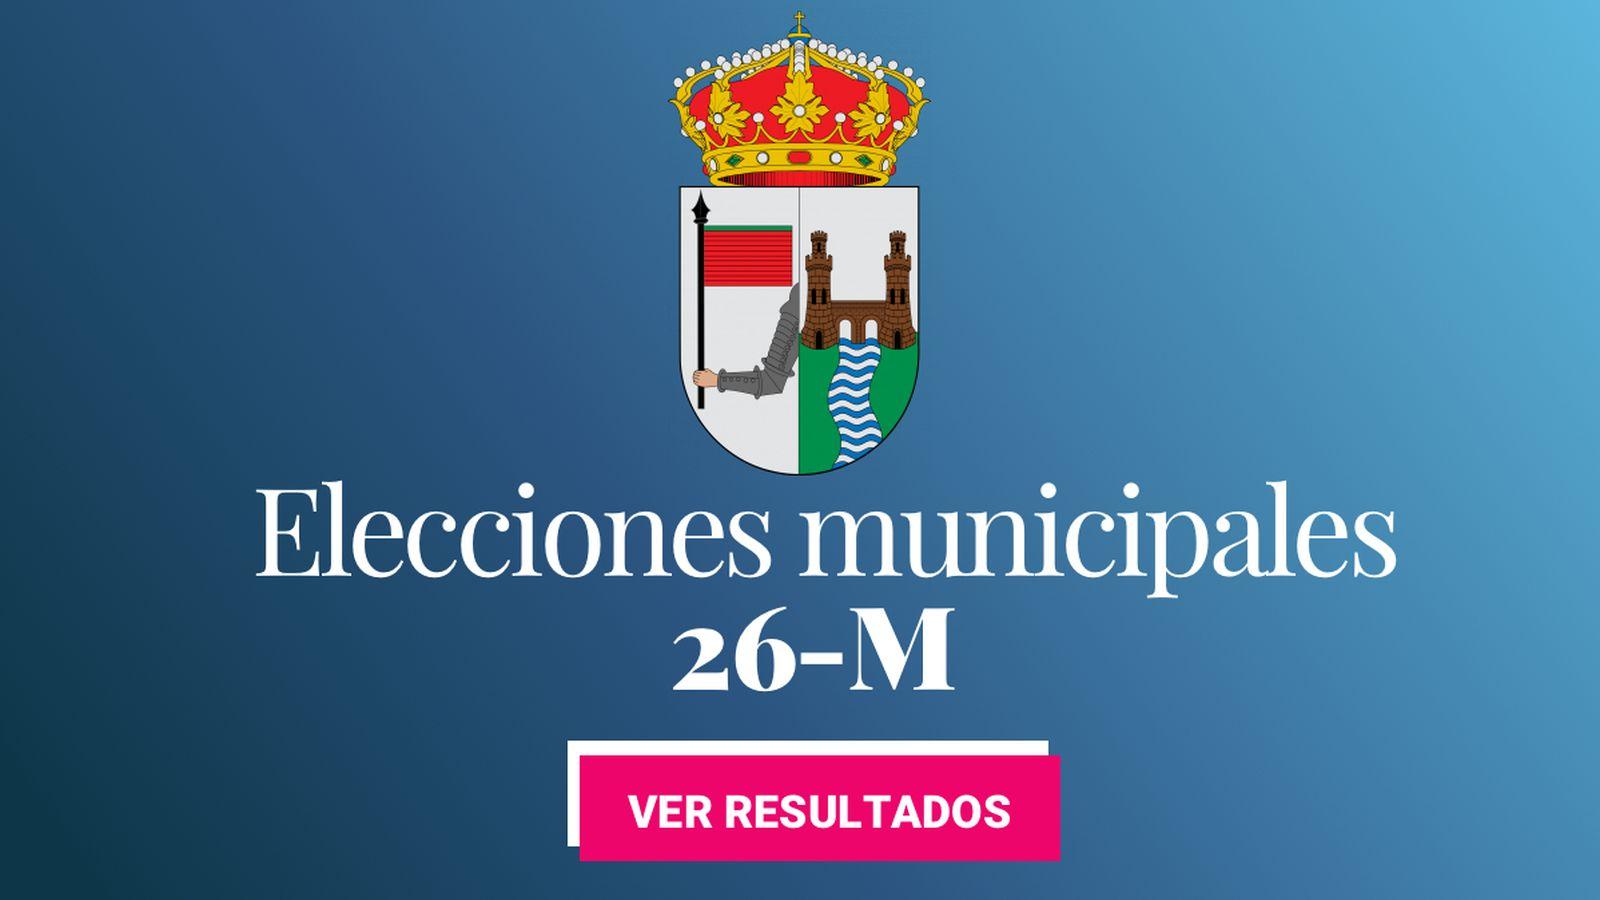 Foto: Elecciones municipales 2019 en Zamora. (C.C./EC)